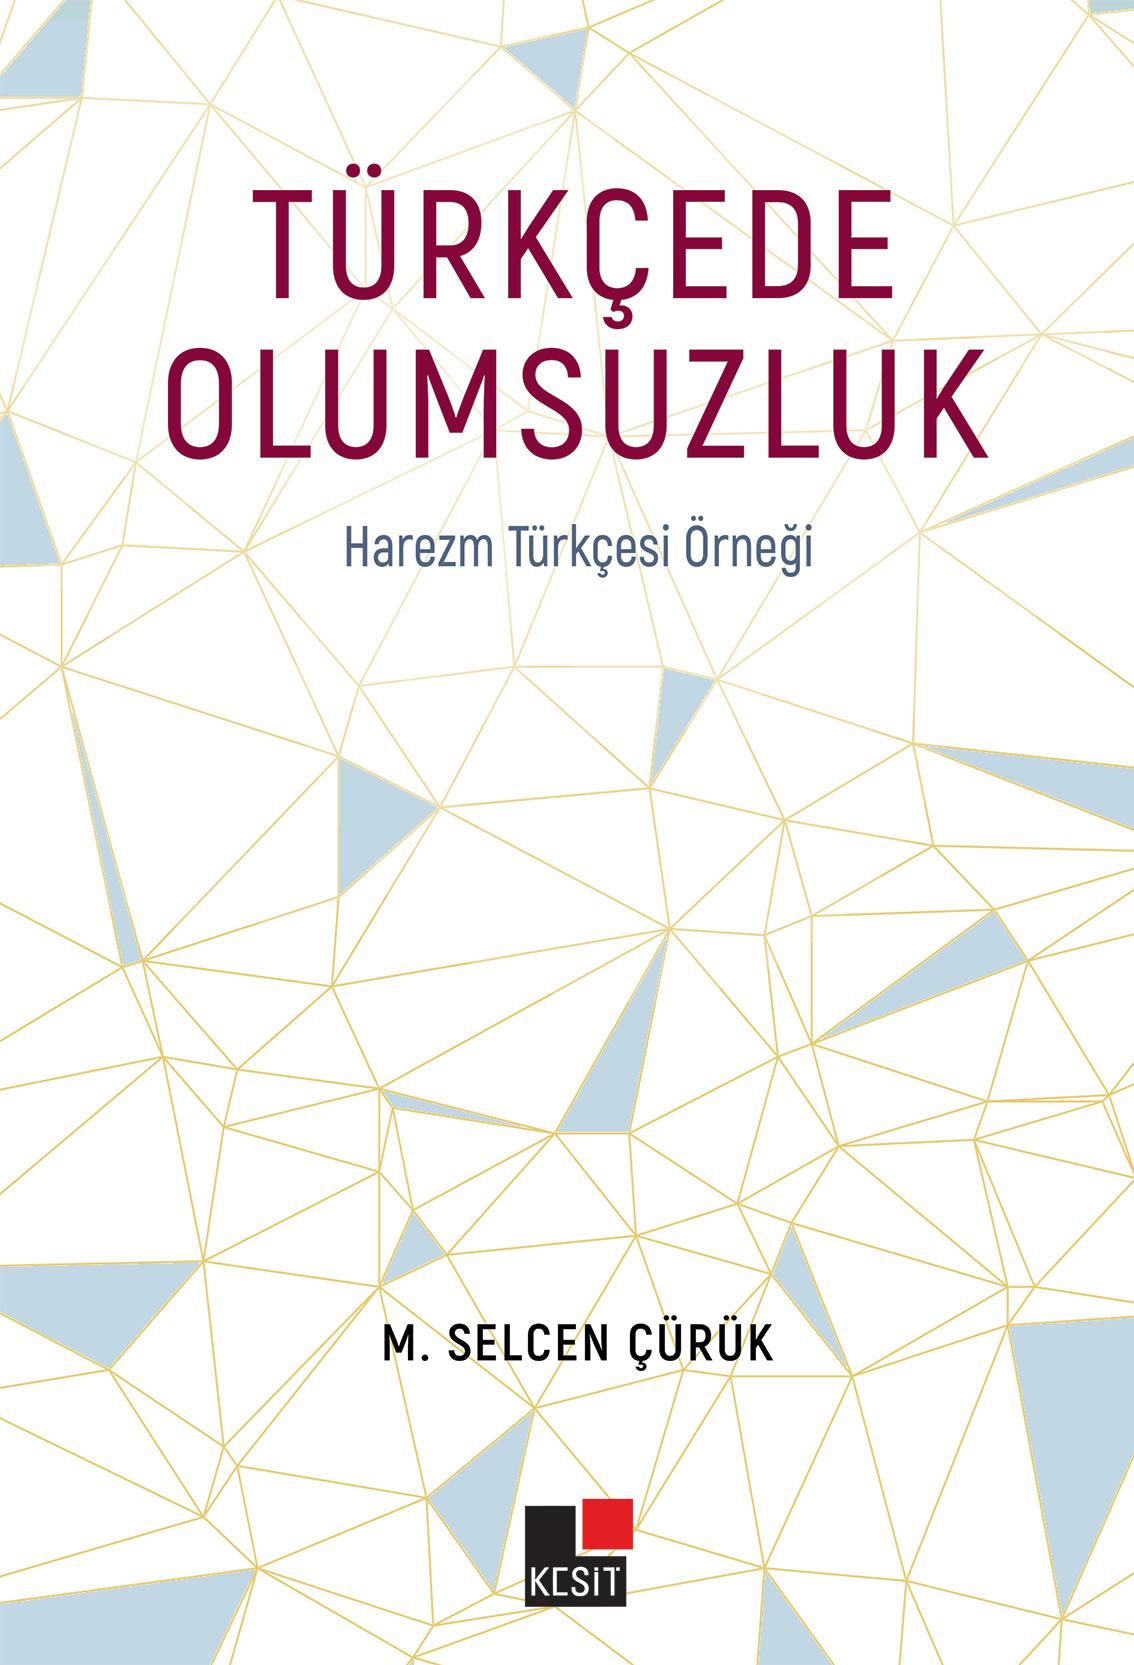 Türkçede Olumsuzluk Harezm Türkçesi Örneği